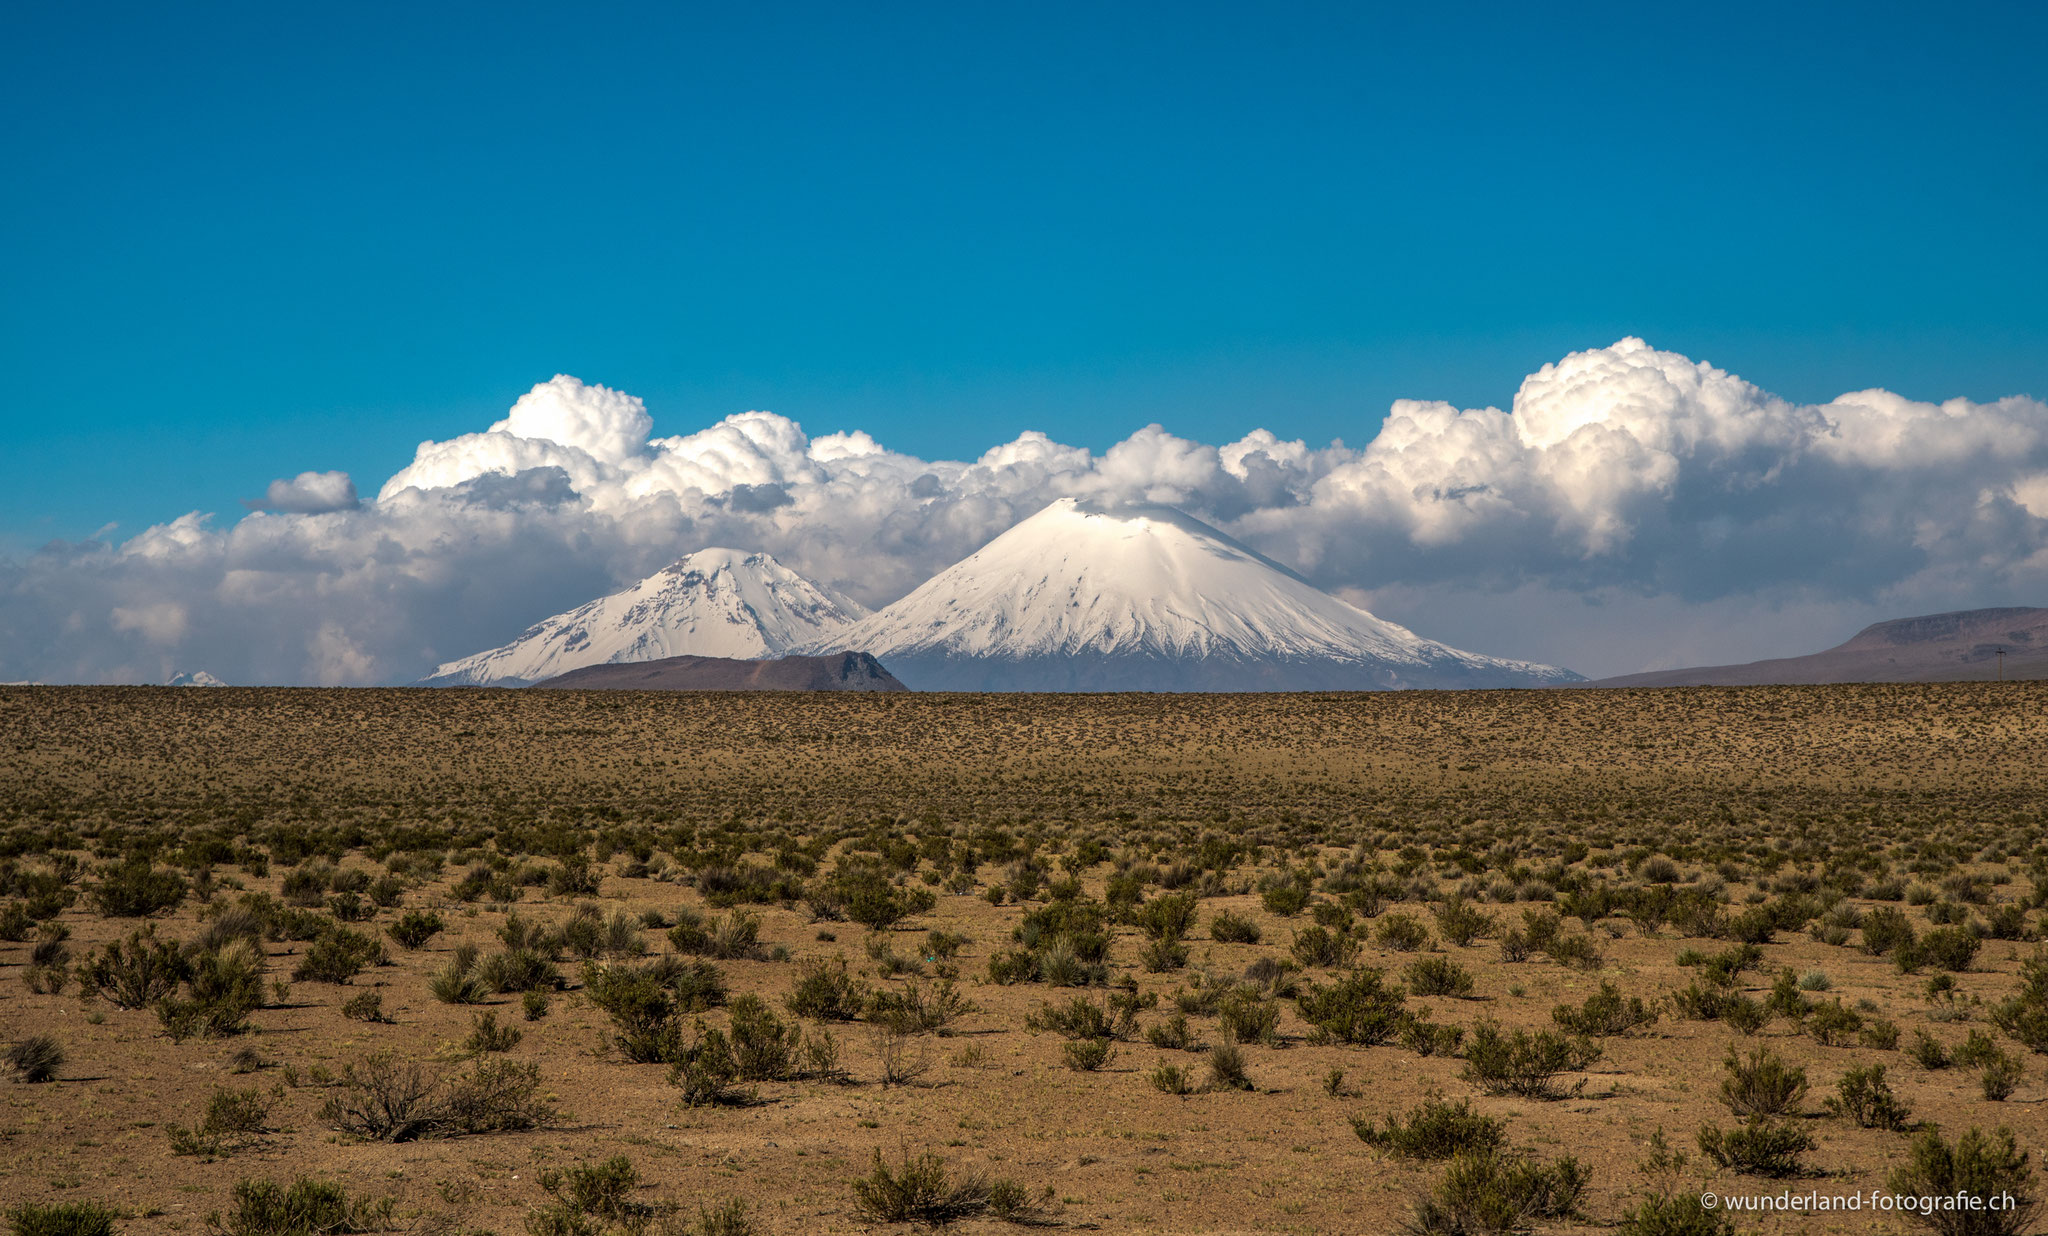 Die beiden Vulkane Parinacota (6330 m) und Pomerape (6240 m)